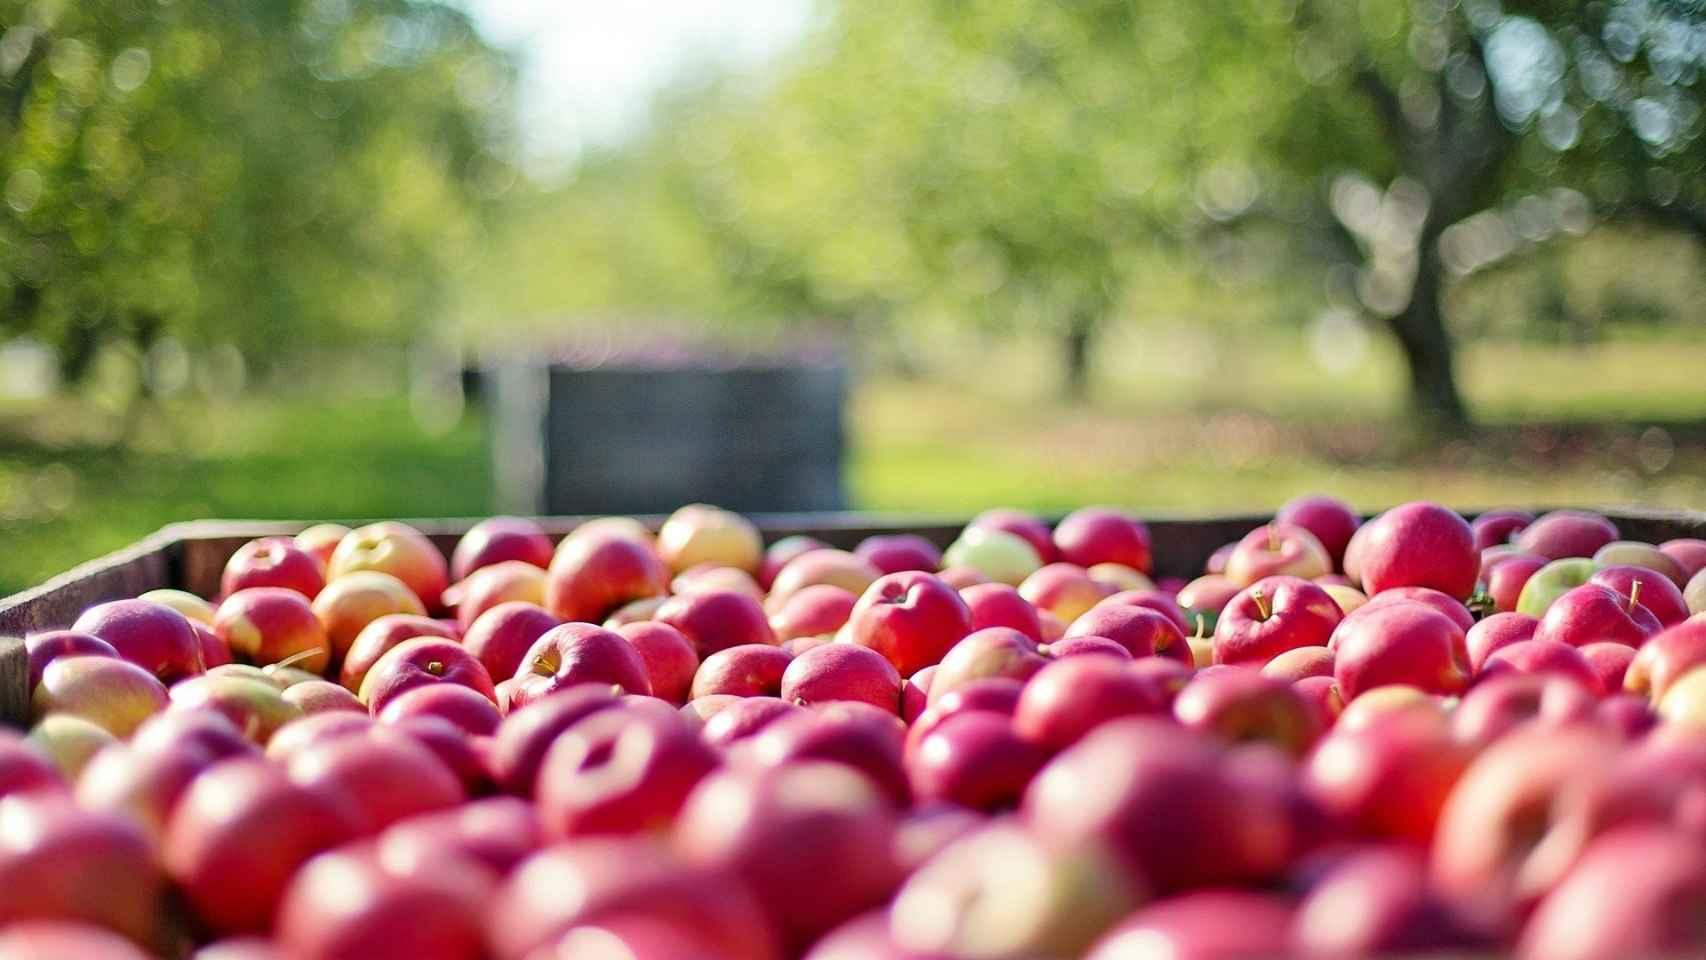 Un cesto de manzanas.